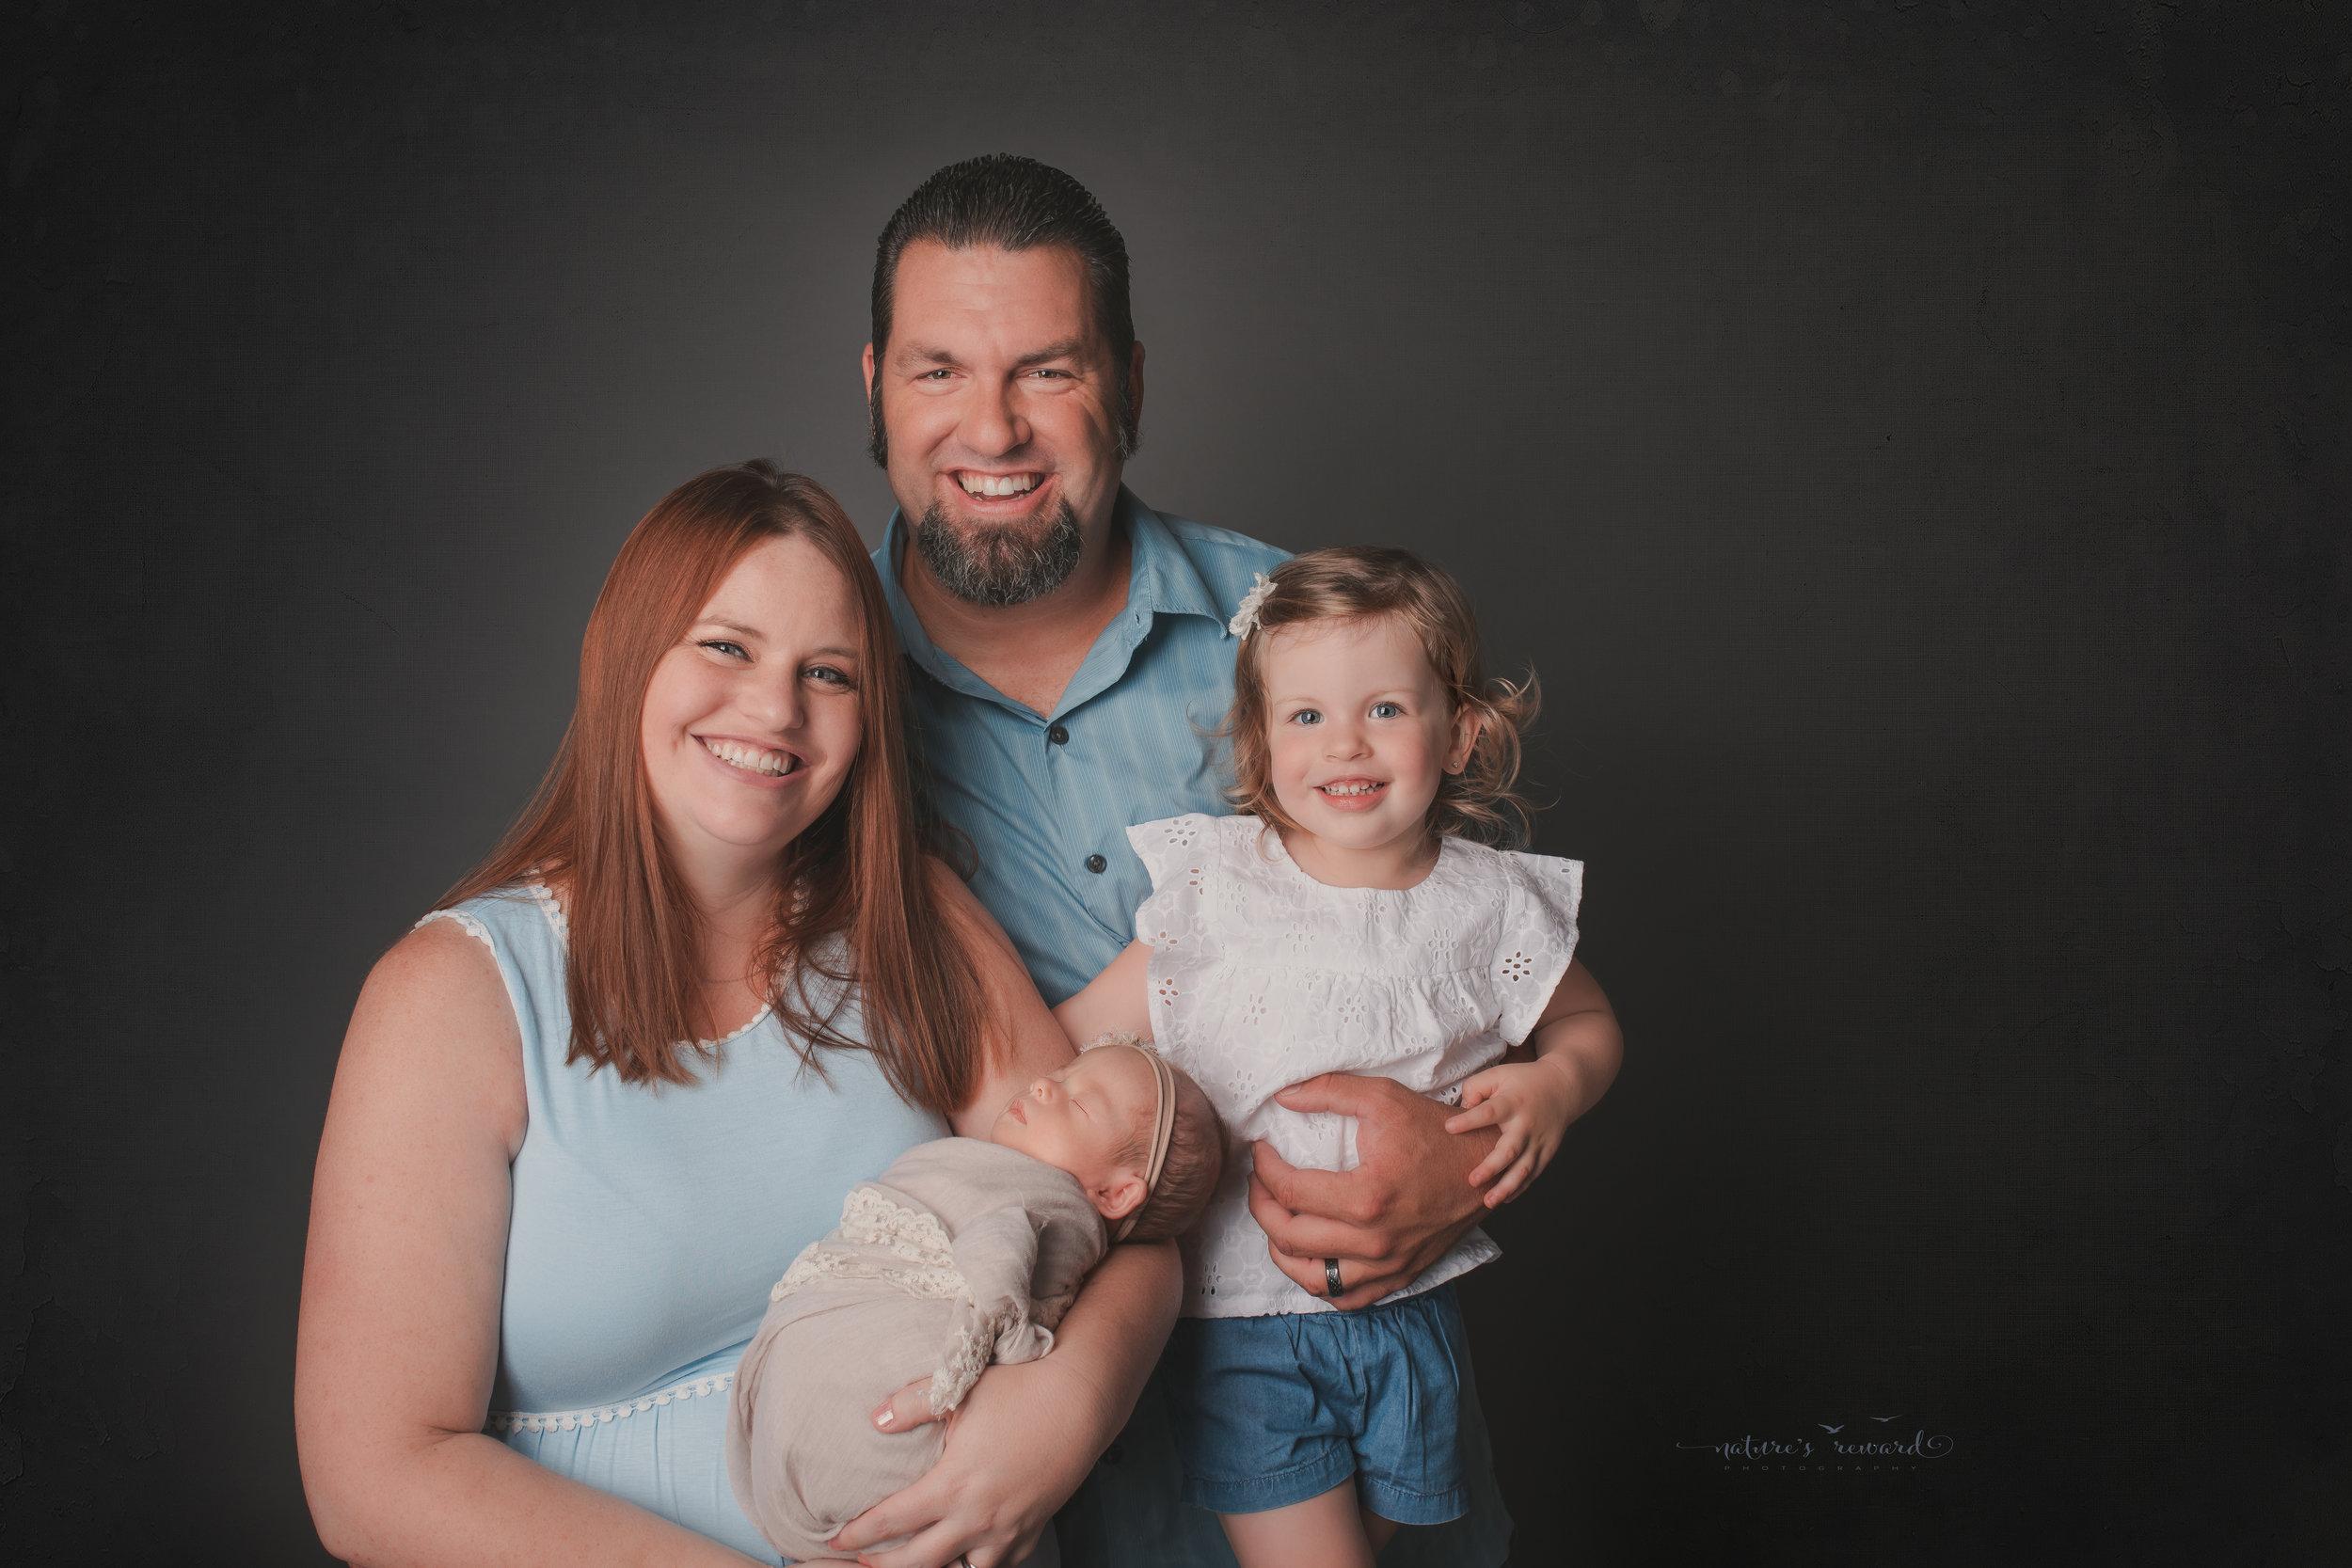 A happy family portrait, a newborn portrait by Nature's Reward Photography